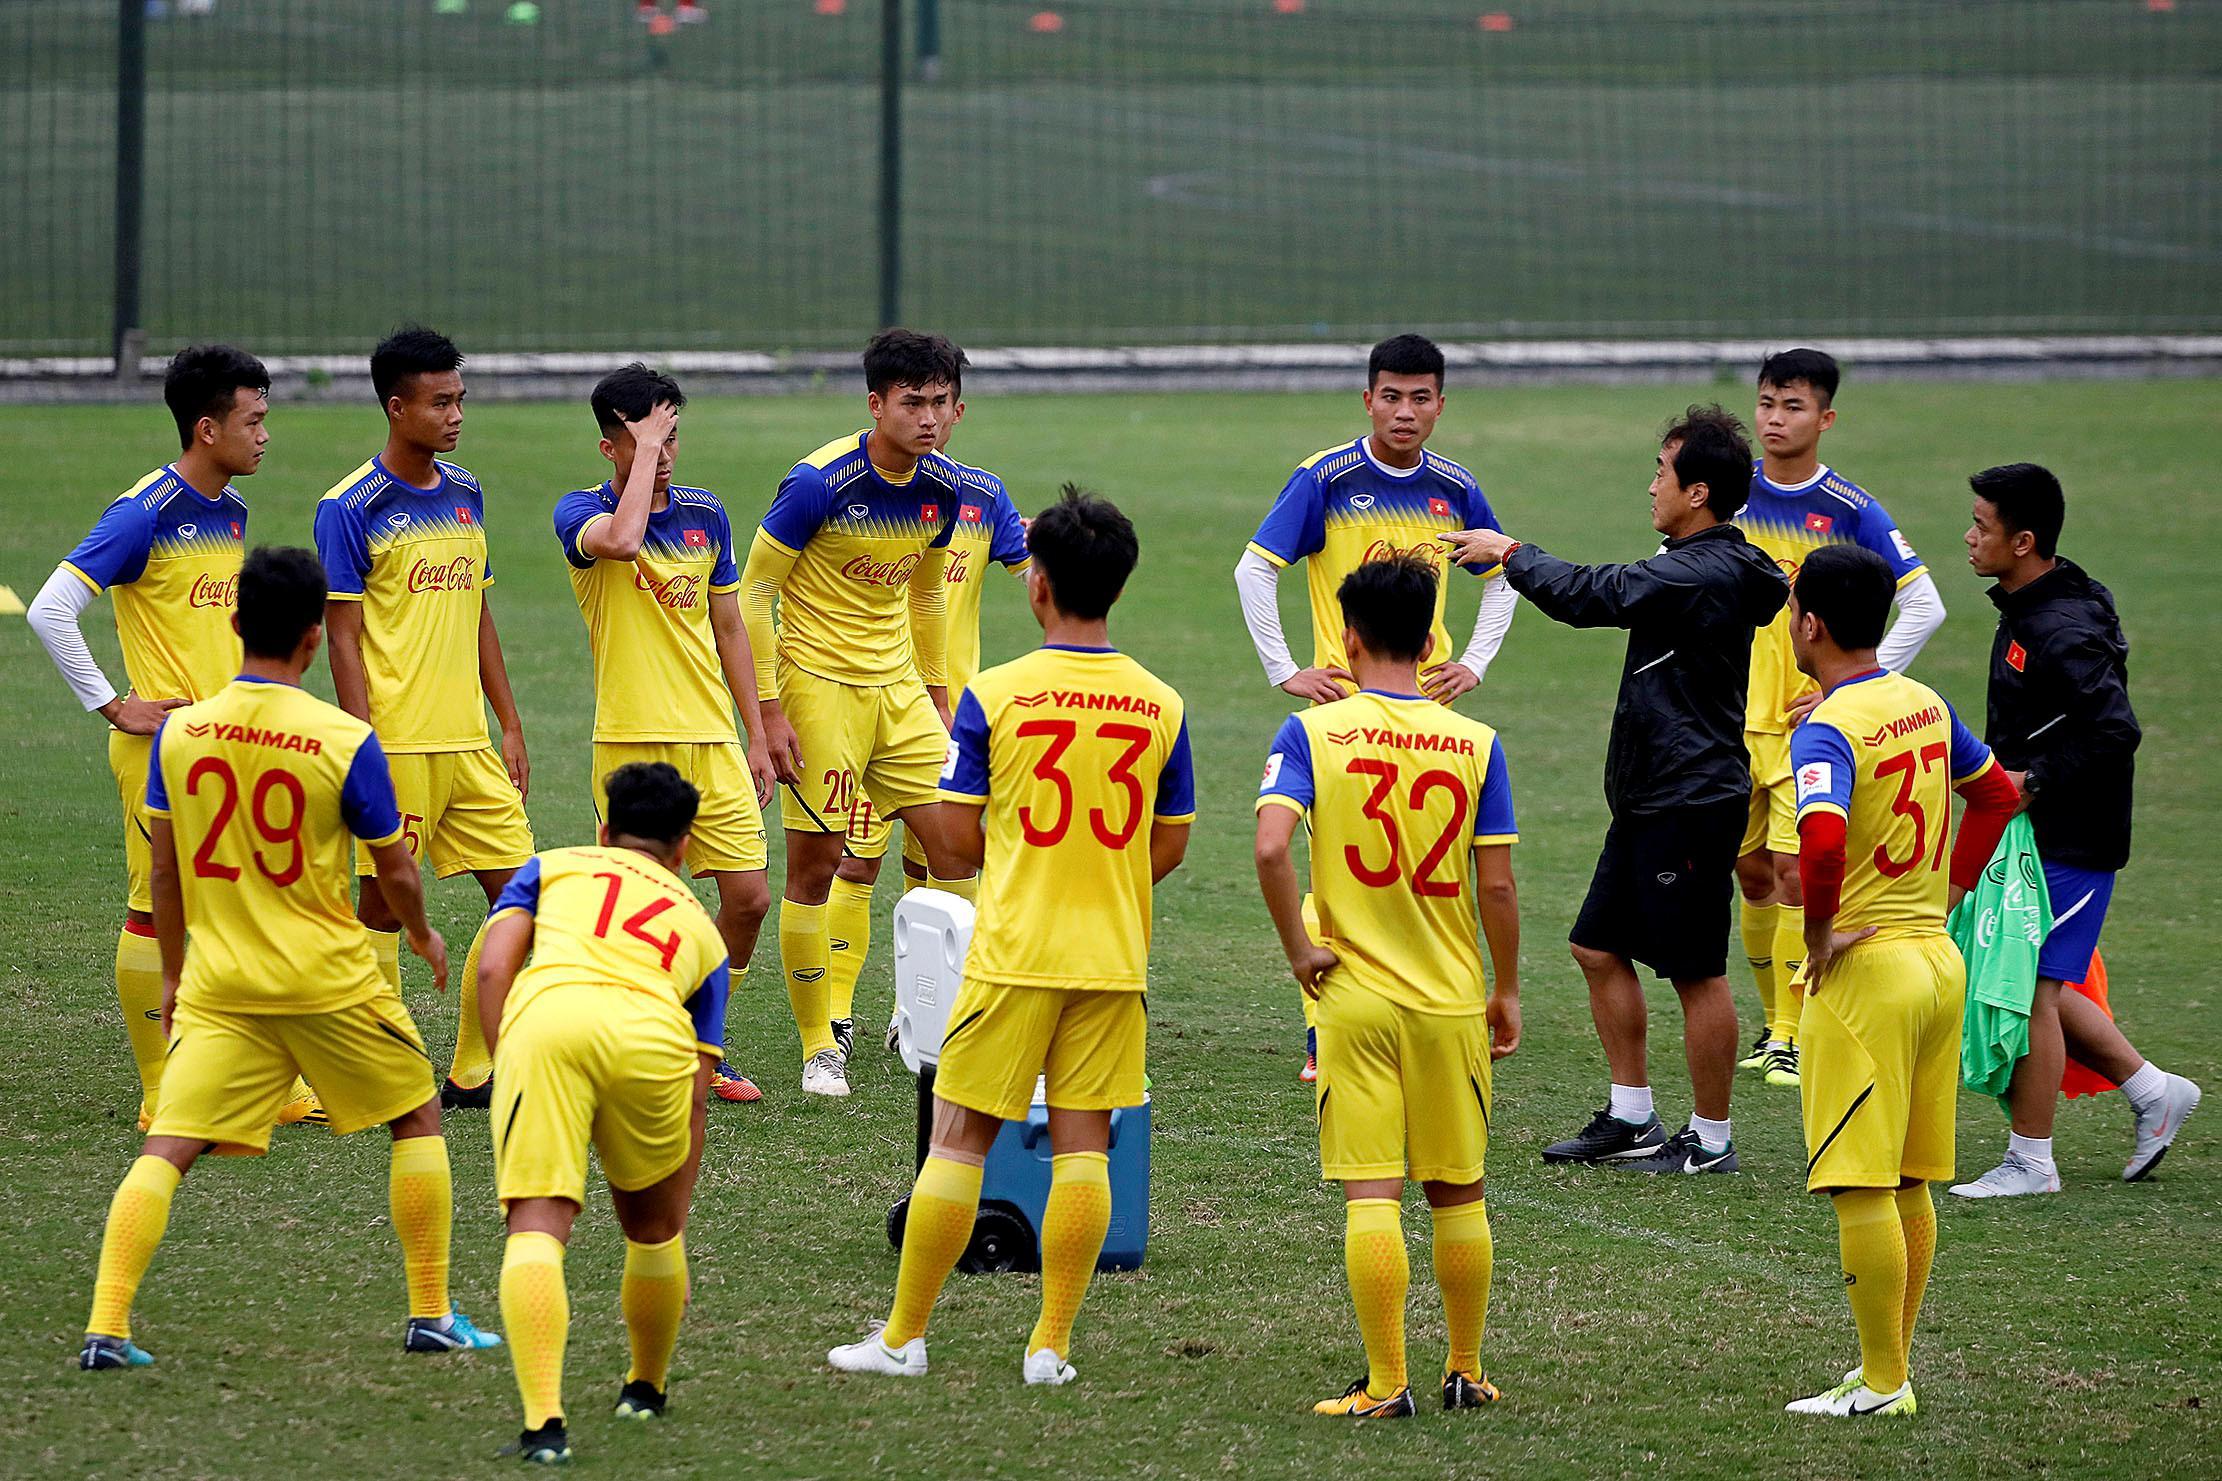 HLV Park Hang-seo: 'Xin đừng nhắc nhiều đến Việt Nam đang là á quân U.23 châu Á' Ảnh 3